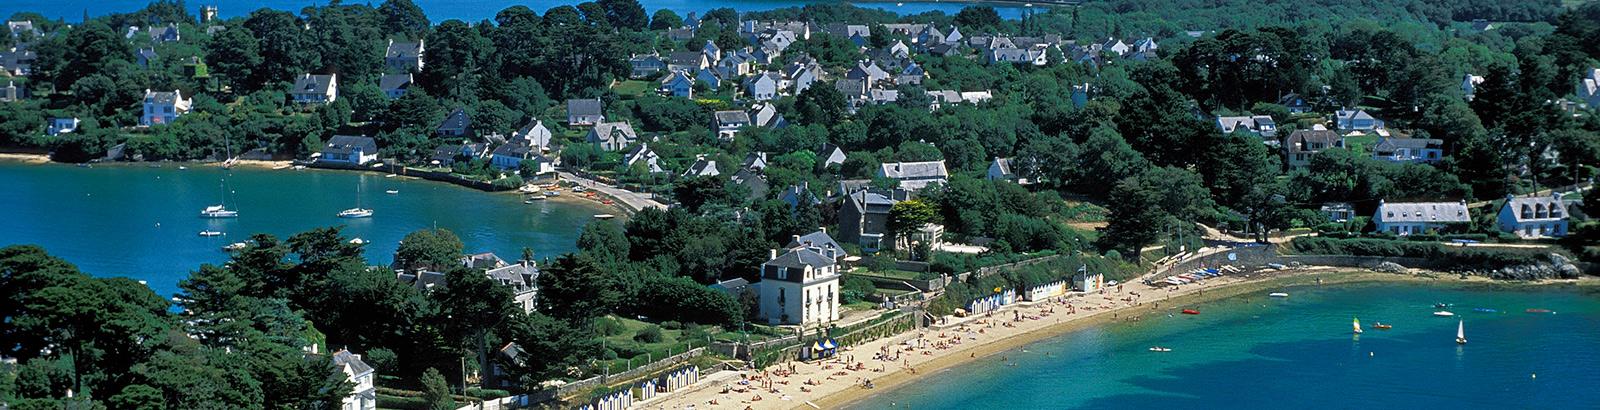 Le Golfe du Morbihan, l'une des plus belles baies du monde